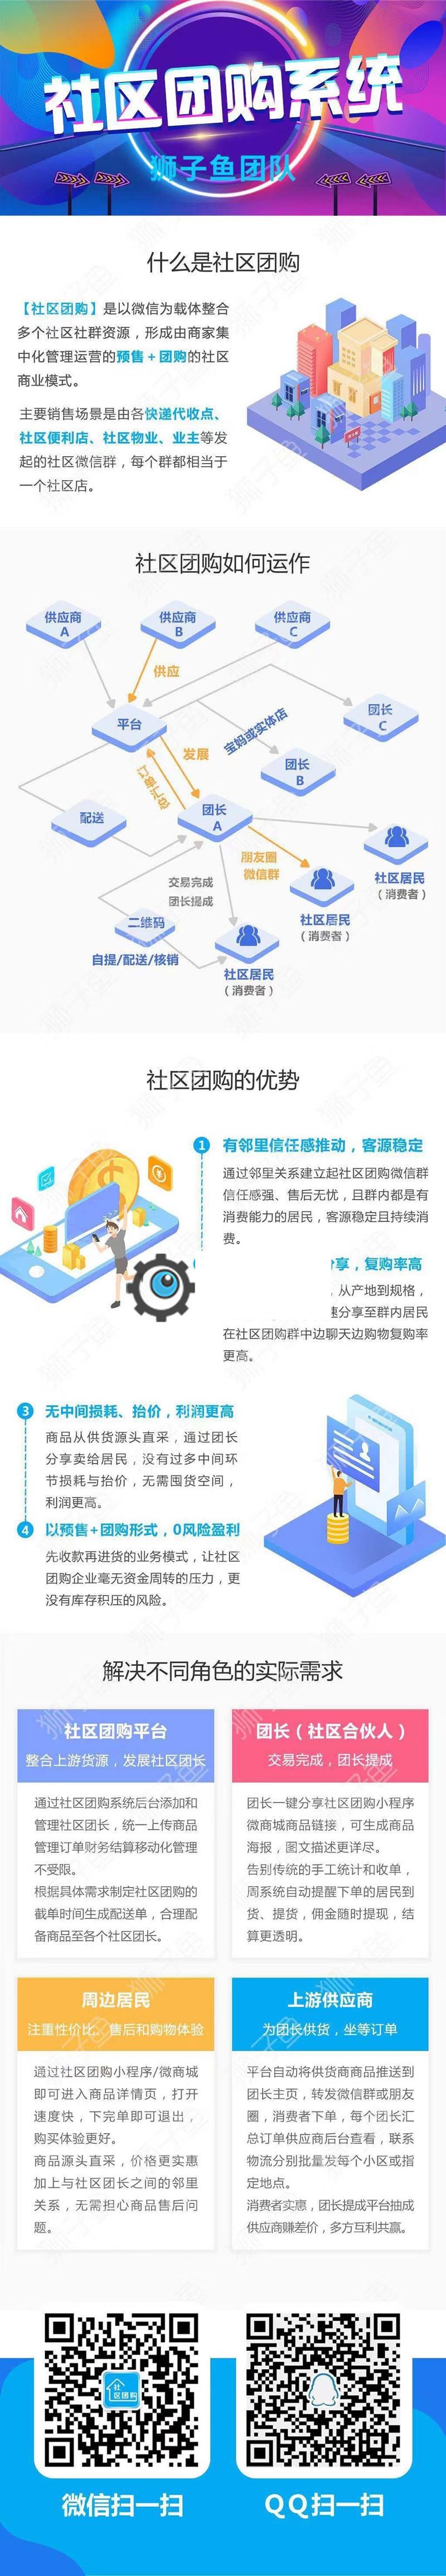 微信小程序 狮子鱼社区社群团购接龙 v12.1+前端源码